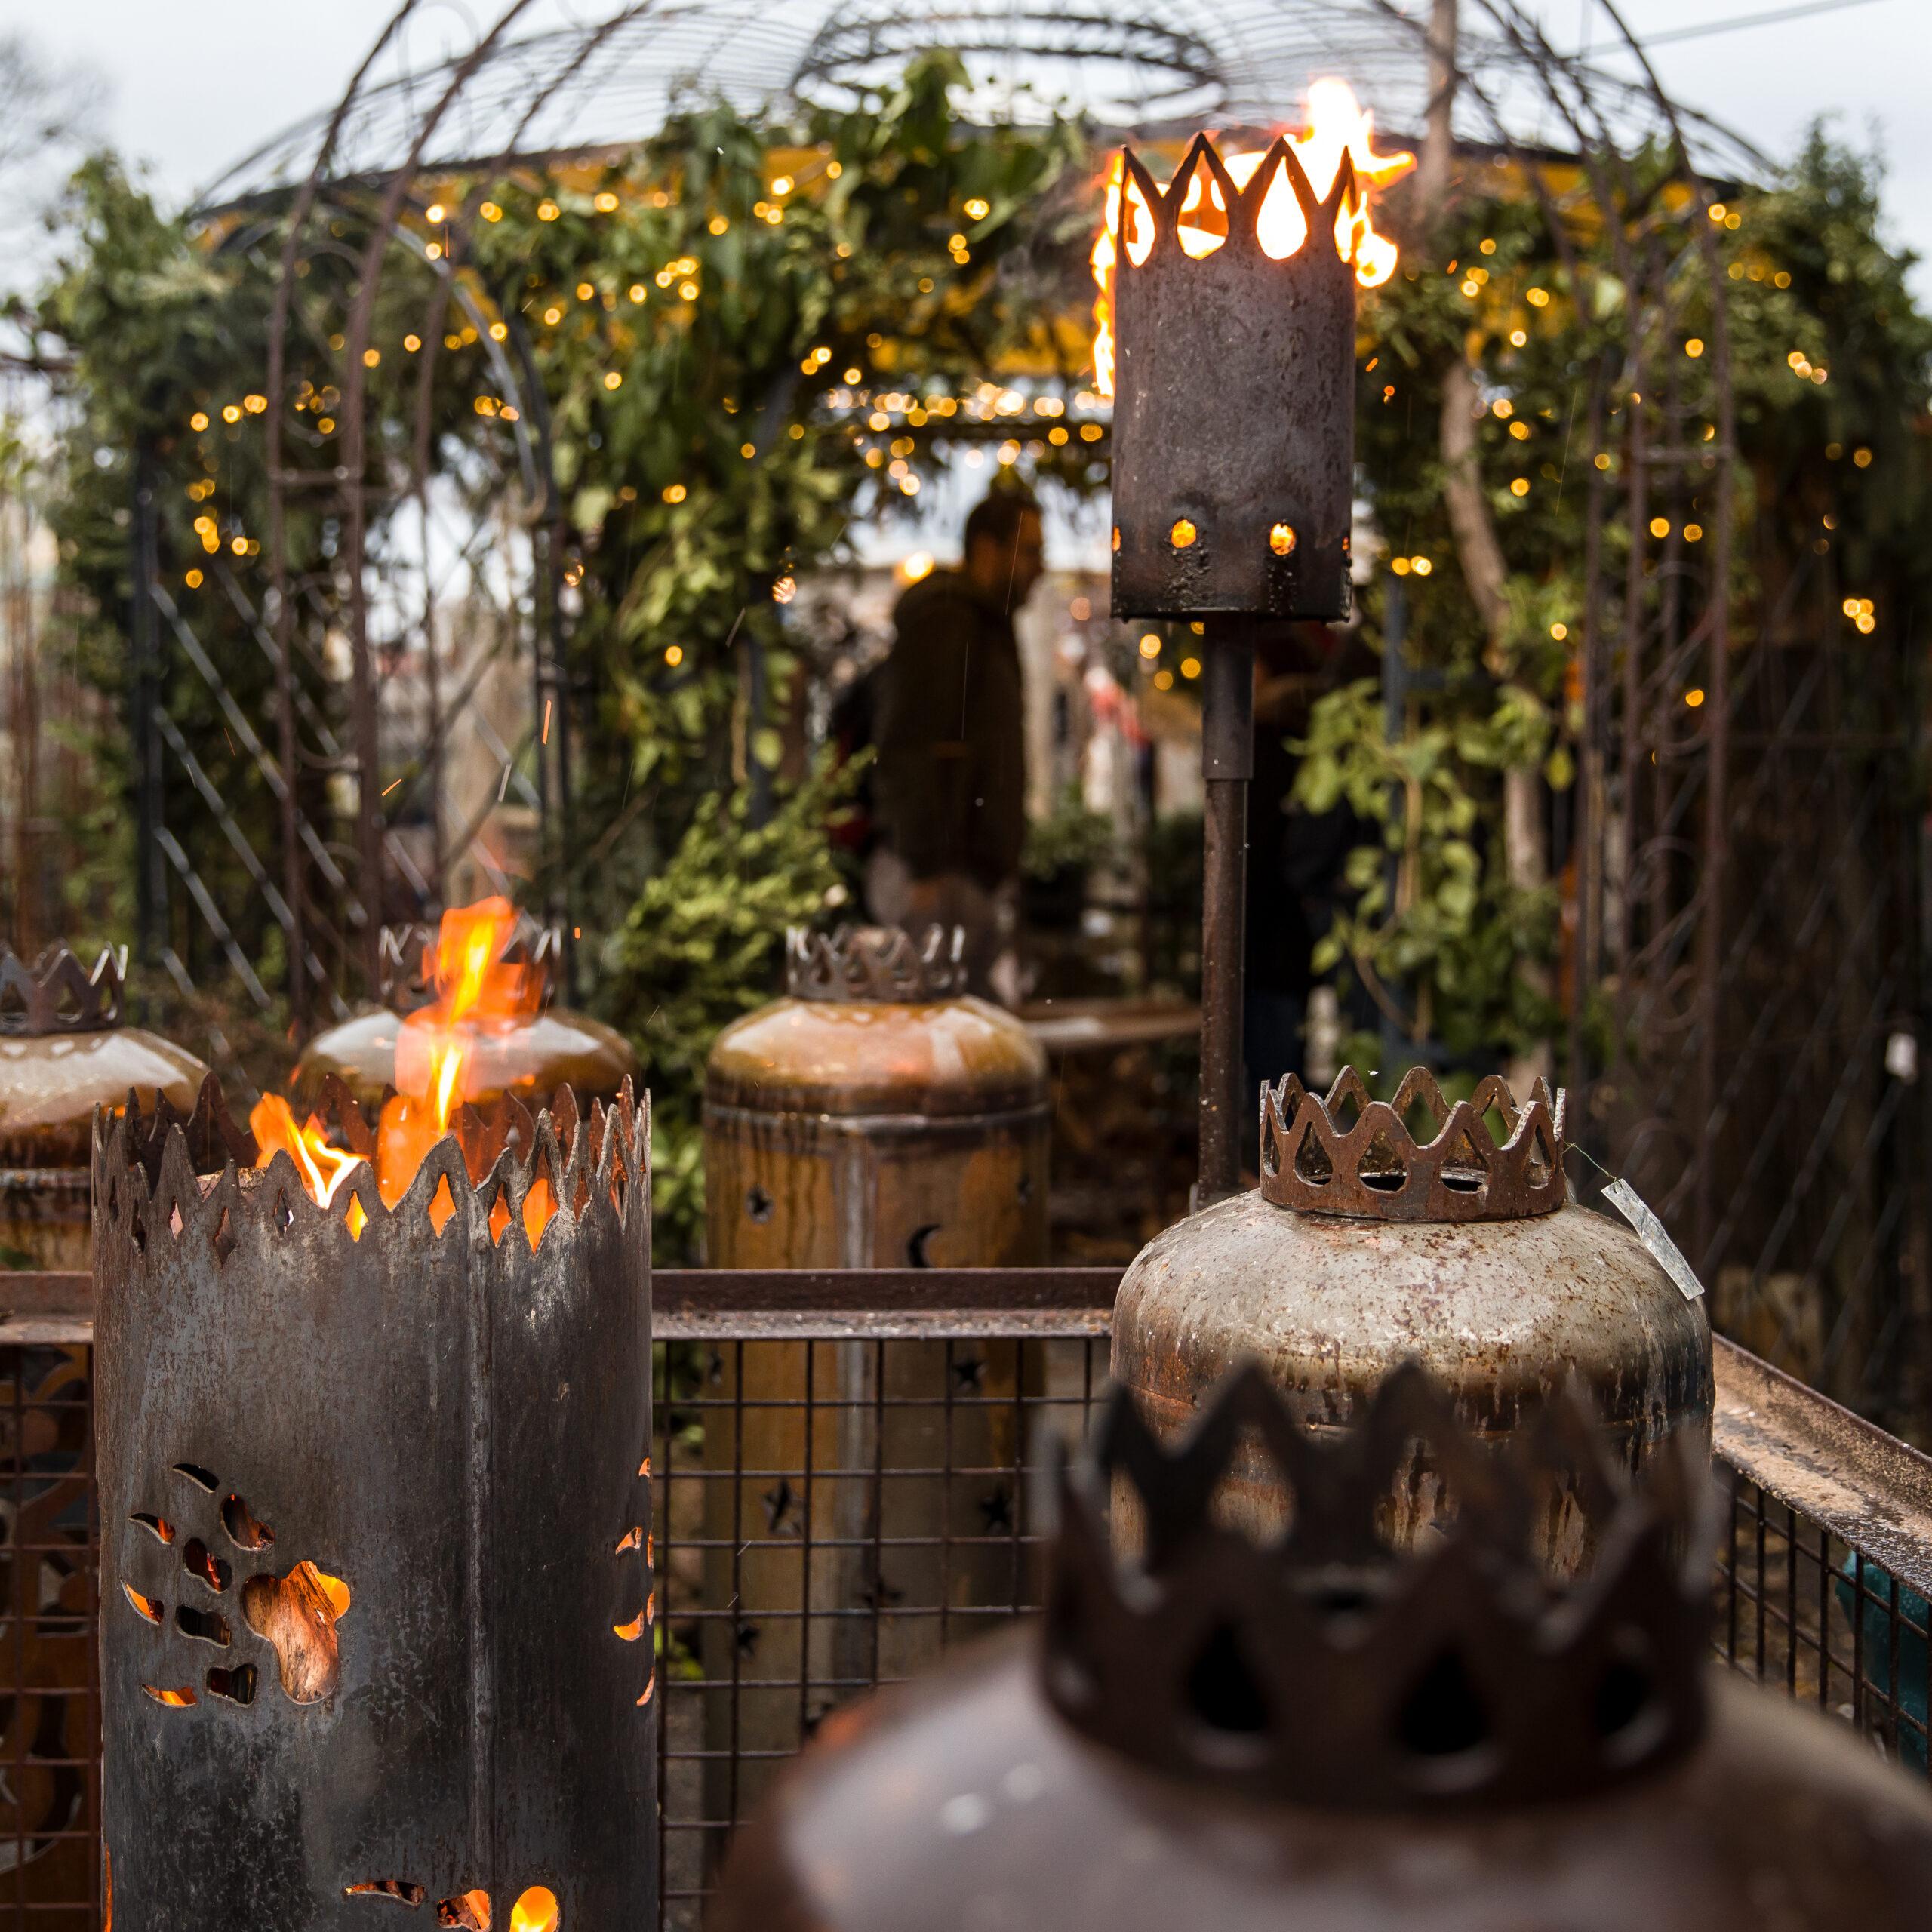 Feuerfackeln aus Metall vor Pavillon mit geschmückten Tannenzweigen